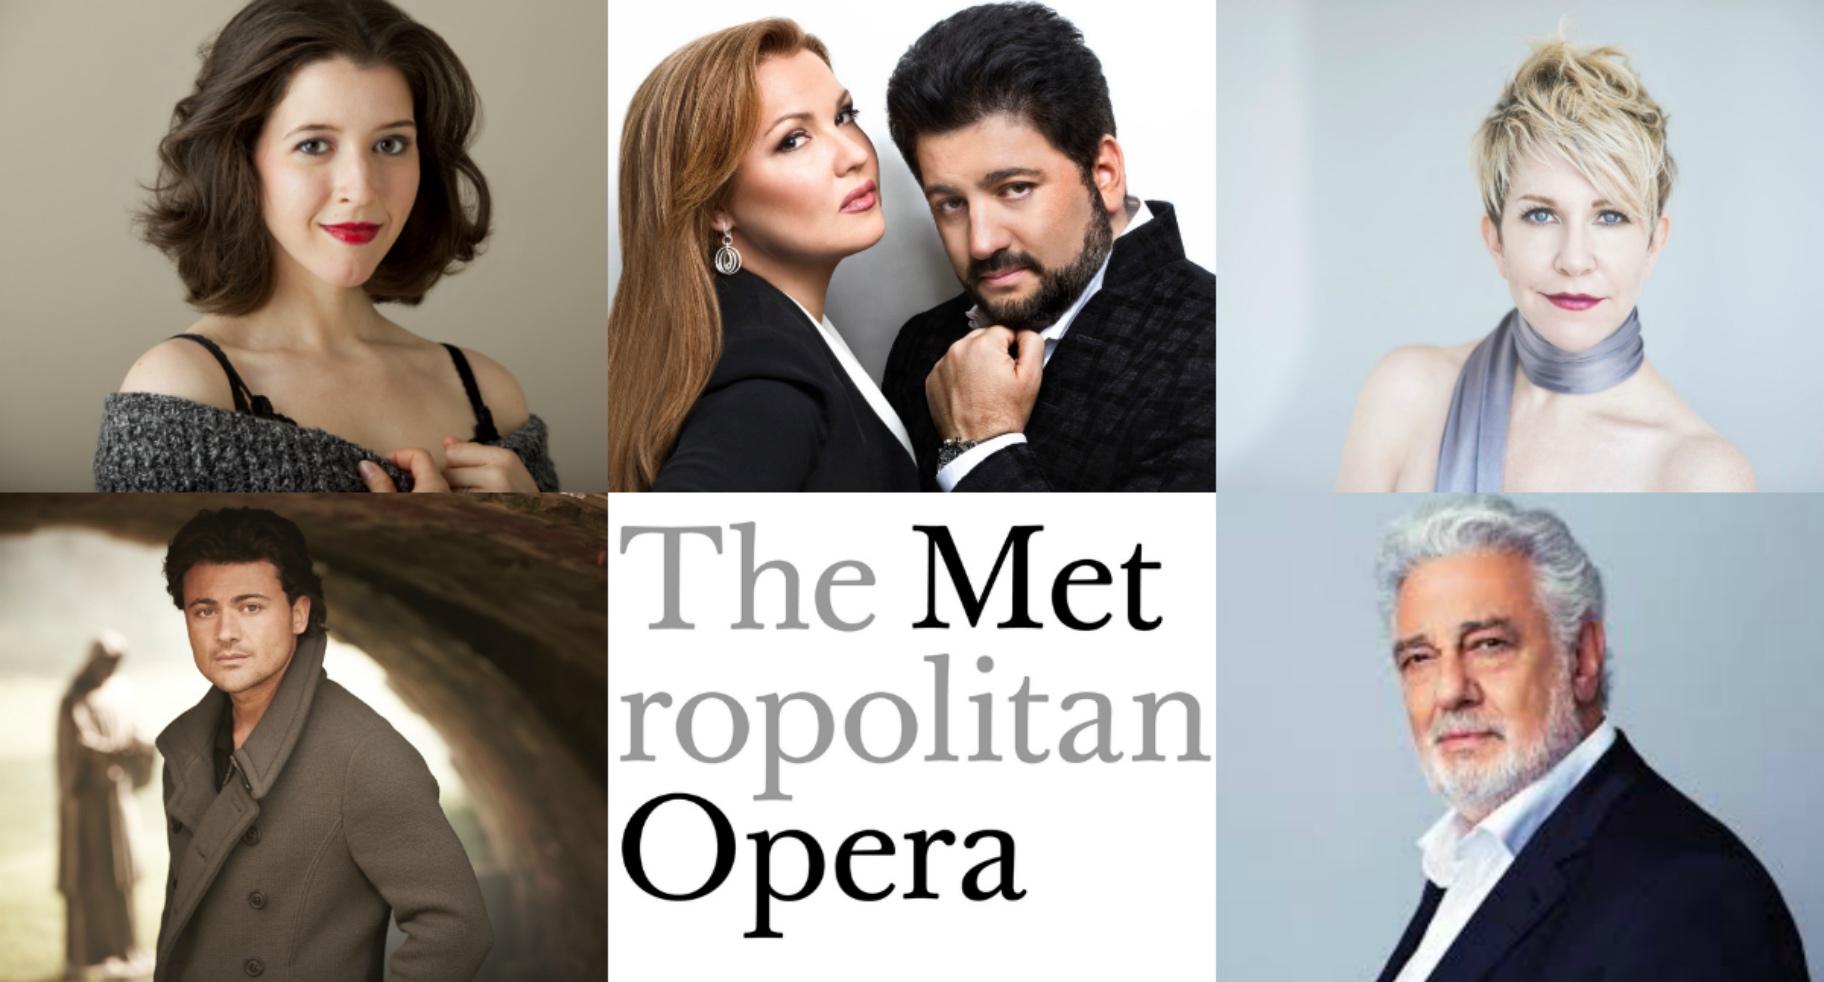 Metropolitan Opera House; MET1920; Met 19/20; Anna Netrebko; Yusif Eyvazov; Lisette Oropesa; Placido Domingo; Joyce DiDonato; Vittorio Grigolo;